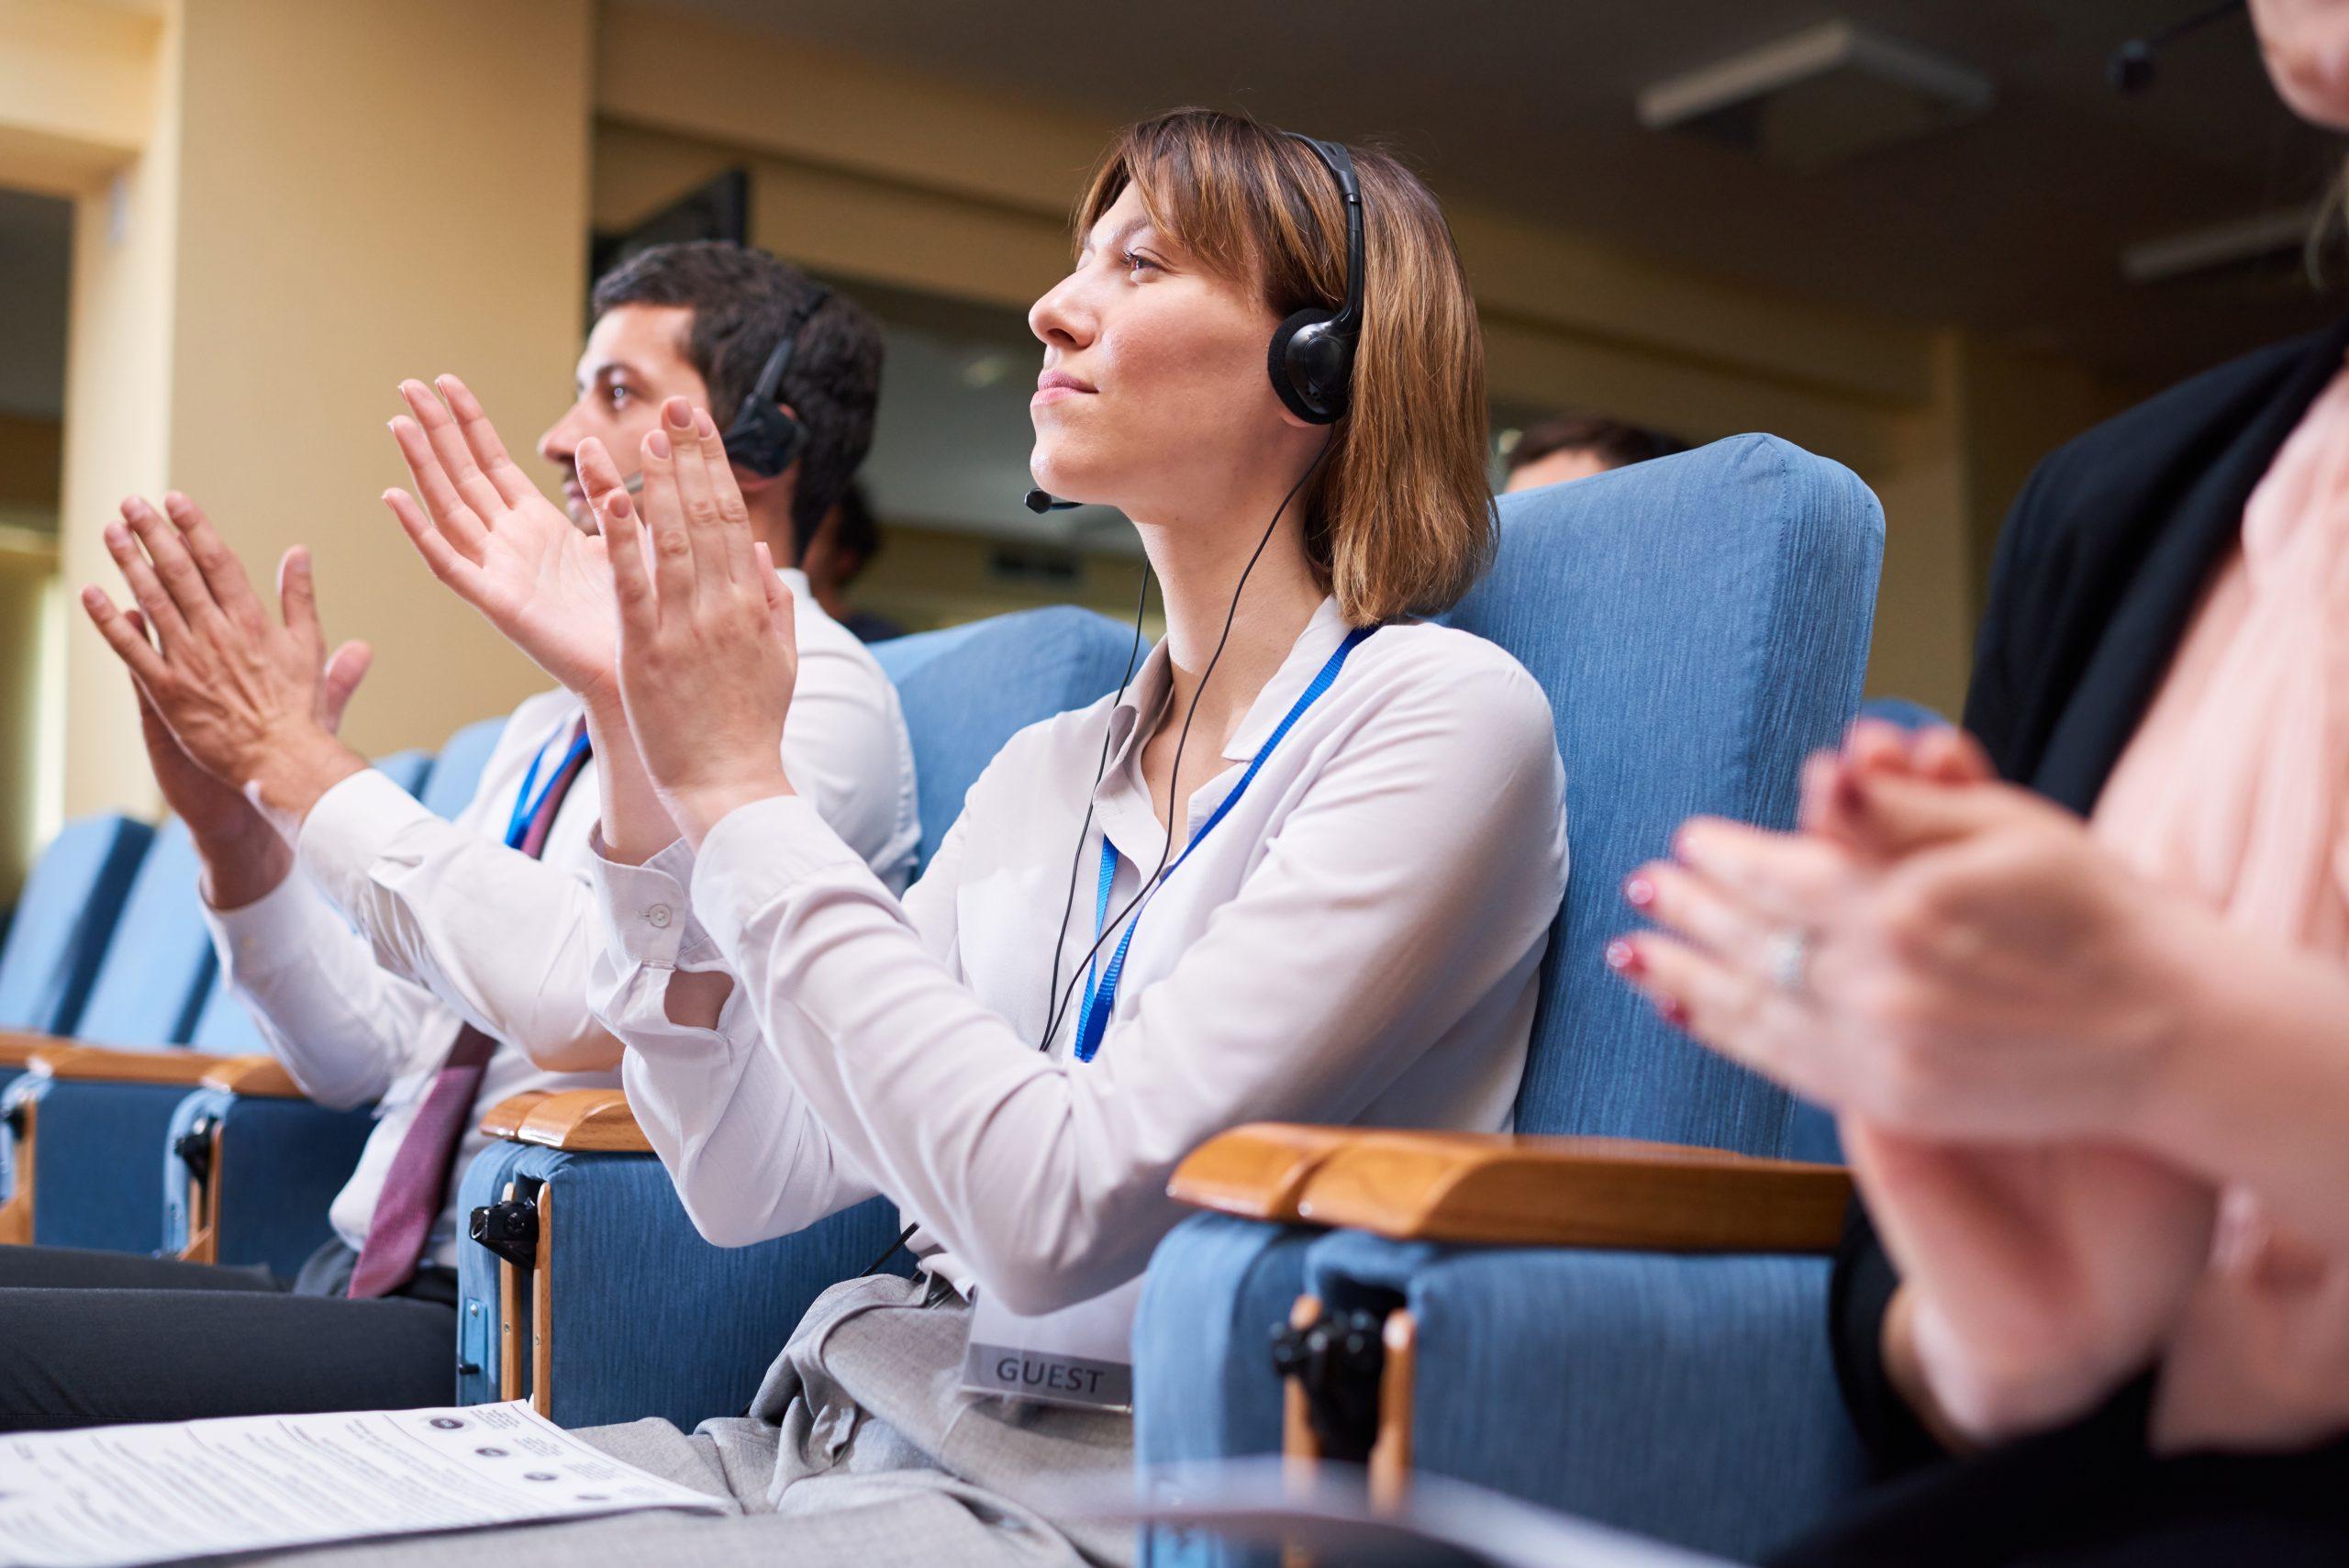 Итоги проведения I Национального конгресса с международным участием по экологии человека, гигиене и медицине окружающей среды «СЫСИНСКИЕ ЧТЕНИЯ - 2020»